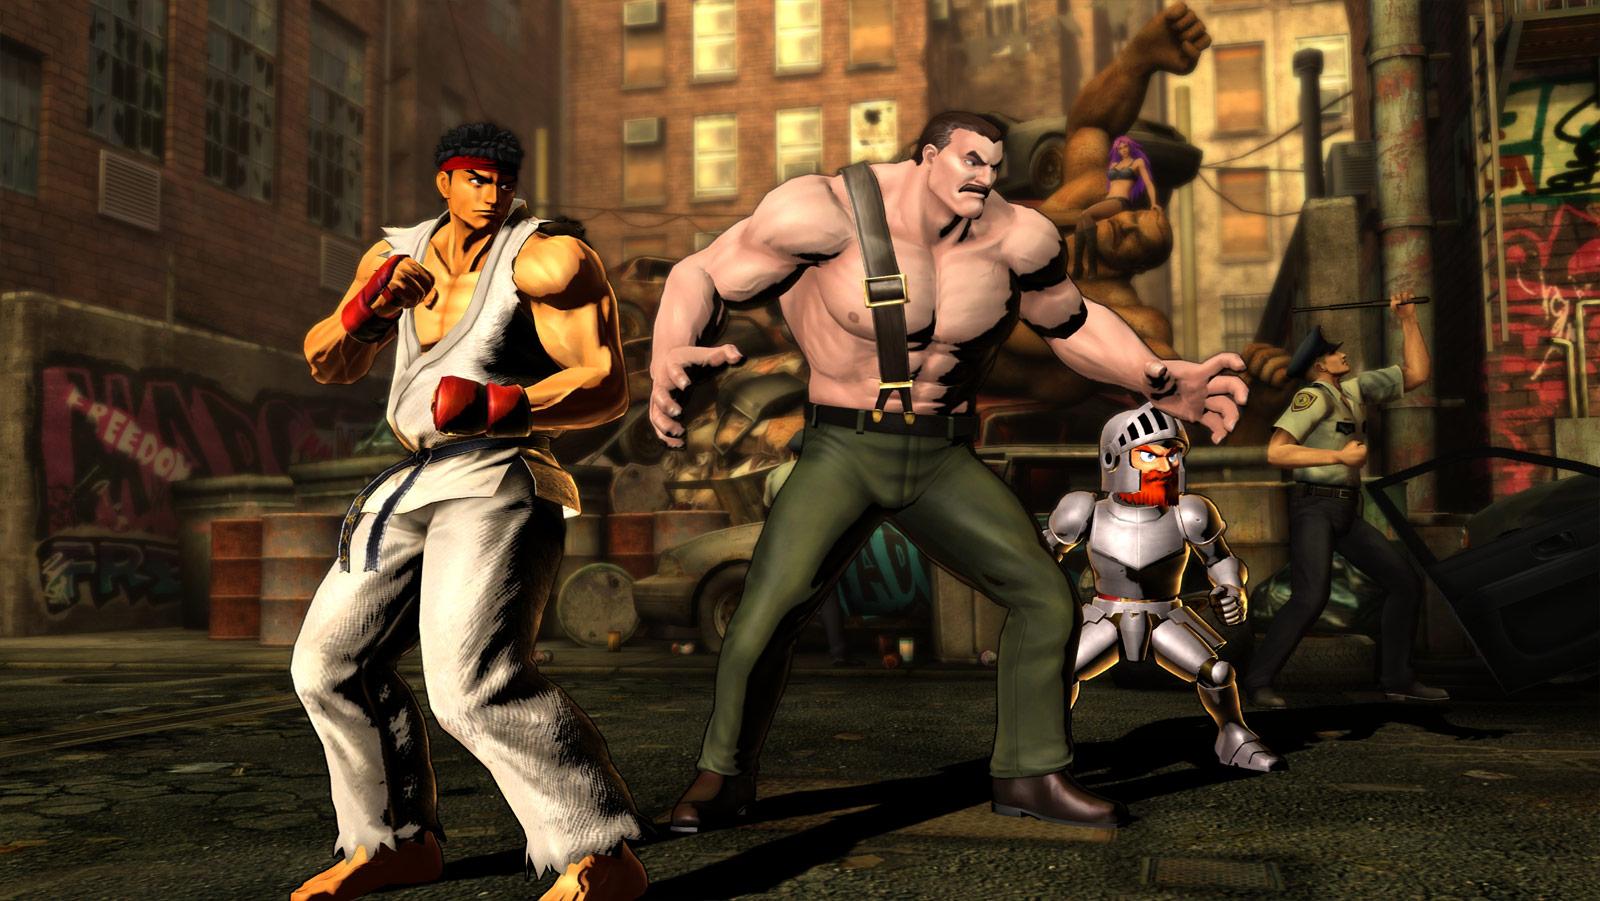 Phoenix and Haggar screen shots for Marvel vs. Capcom 3 #1